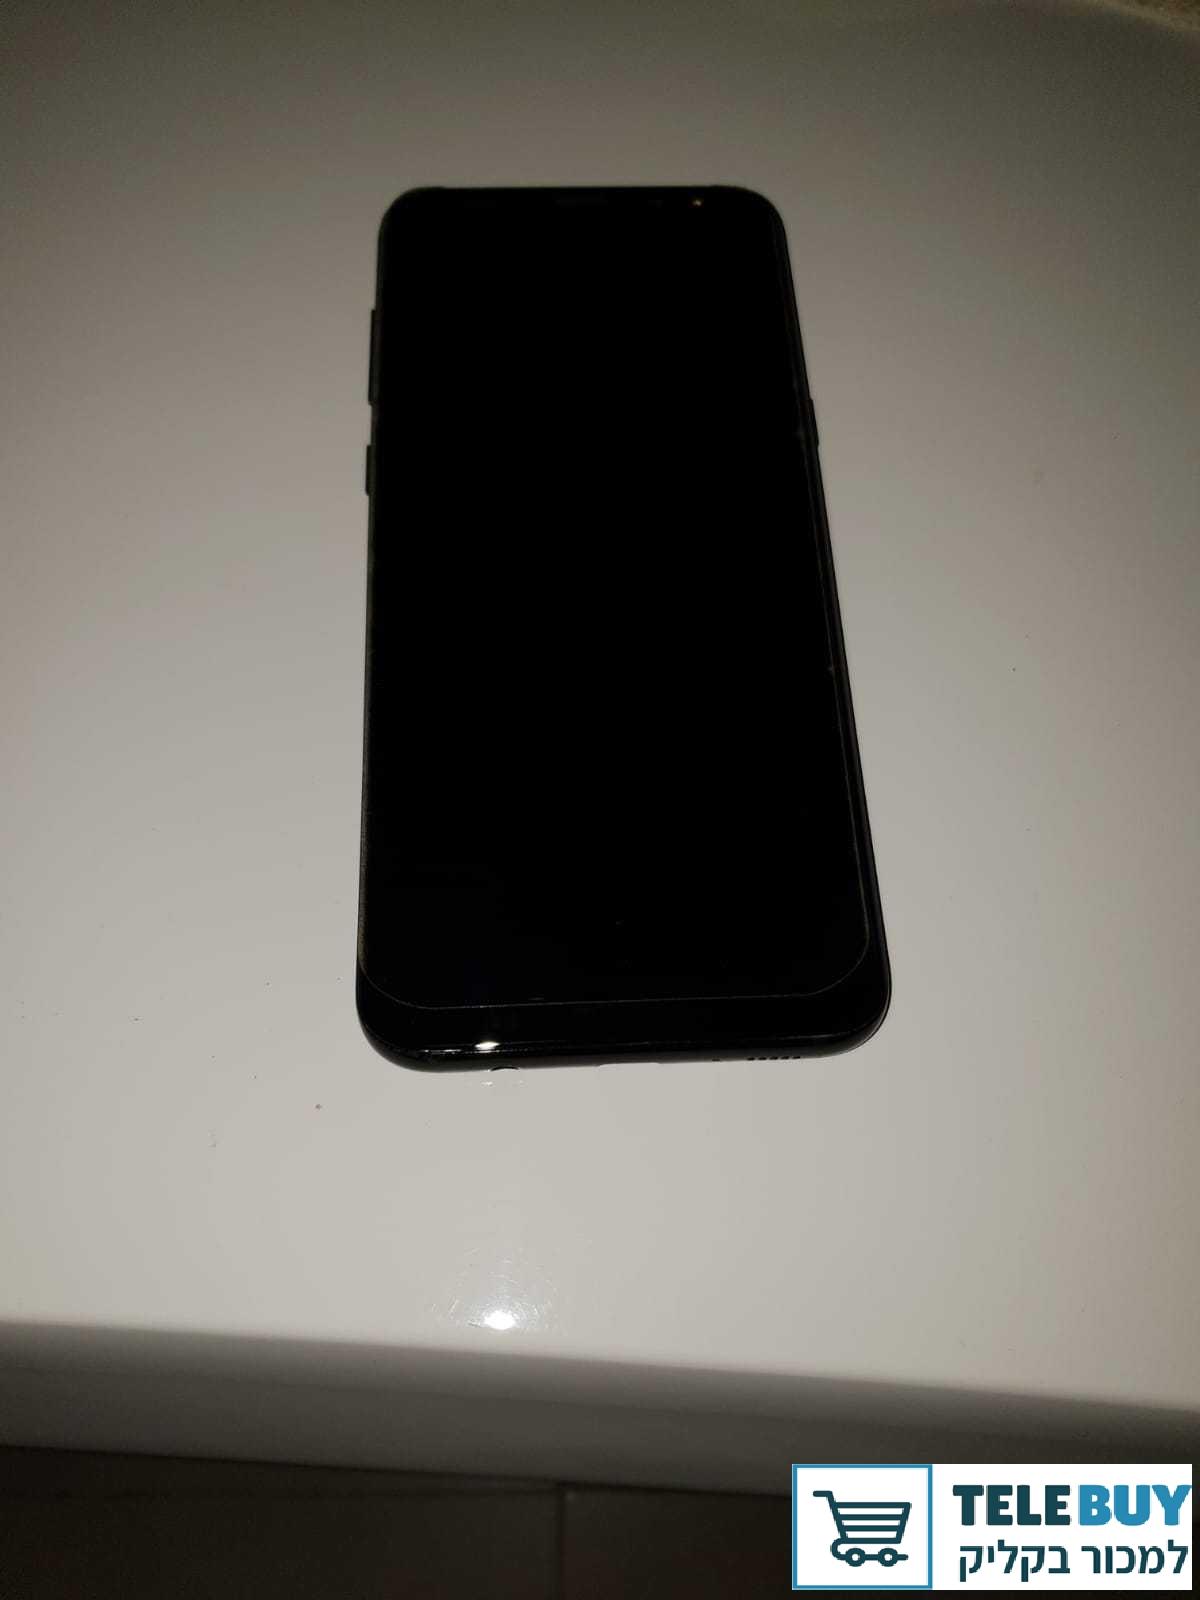 סלולרי מכשיר סלולרי סמסונג גלקסי S8 פלוס באשדוד ואשקלון